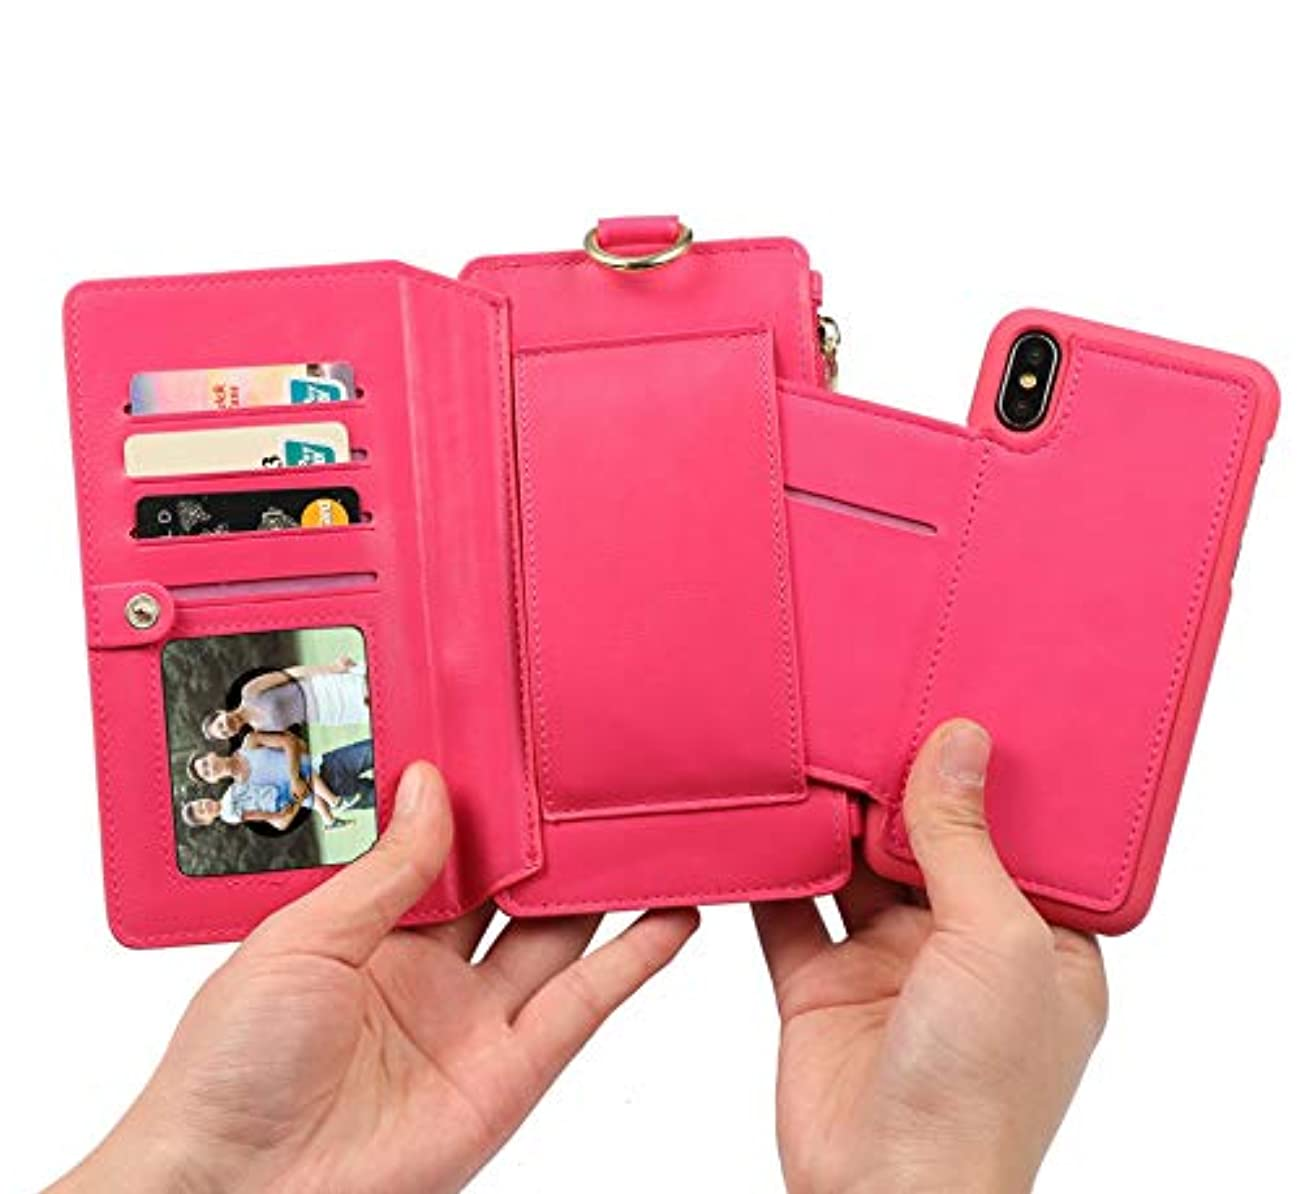 望ましいシネマ見ましたiPhone 8 Plus パソコンExit包保護套 - 折りたたみ保護袖 - 立ちブラケット-ビジネススタイル-全身保護-内殻金属リング-12札入れ-相枠-取り外し可能な電話ケース財布 5.5インチiPhone 7 Plus...